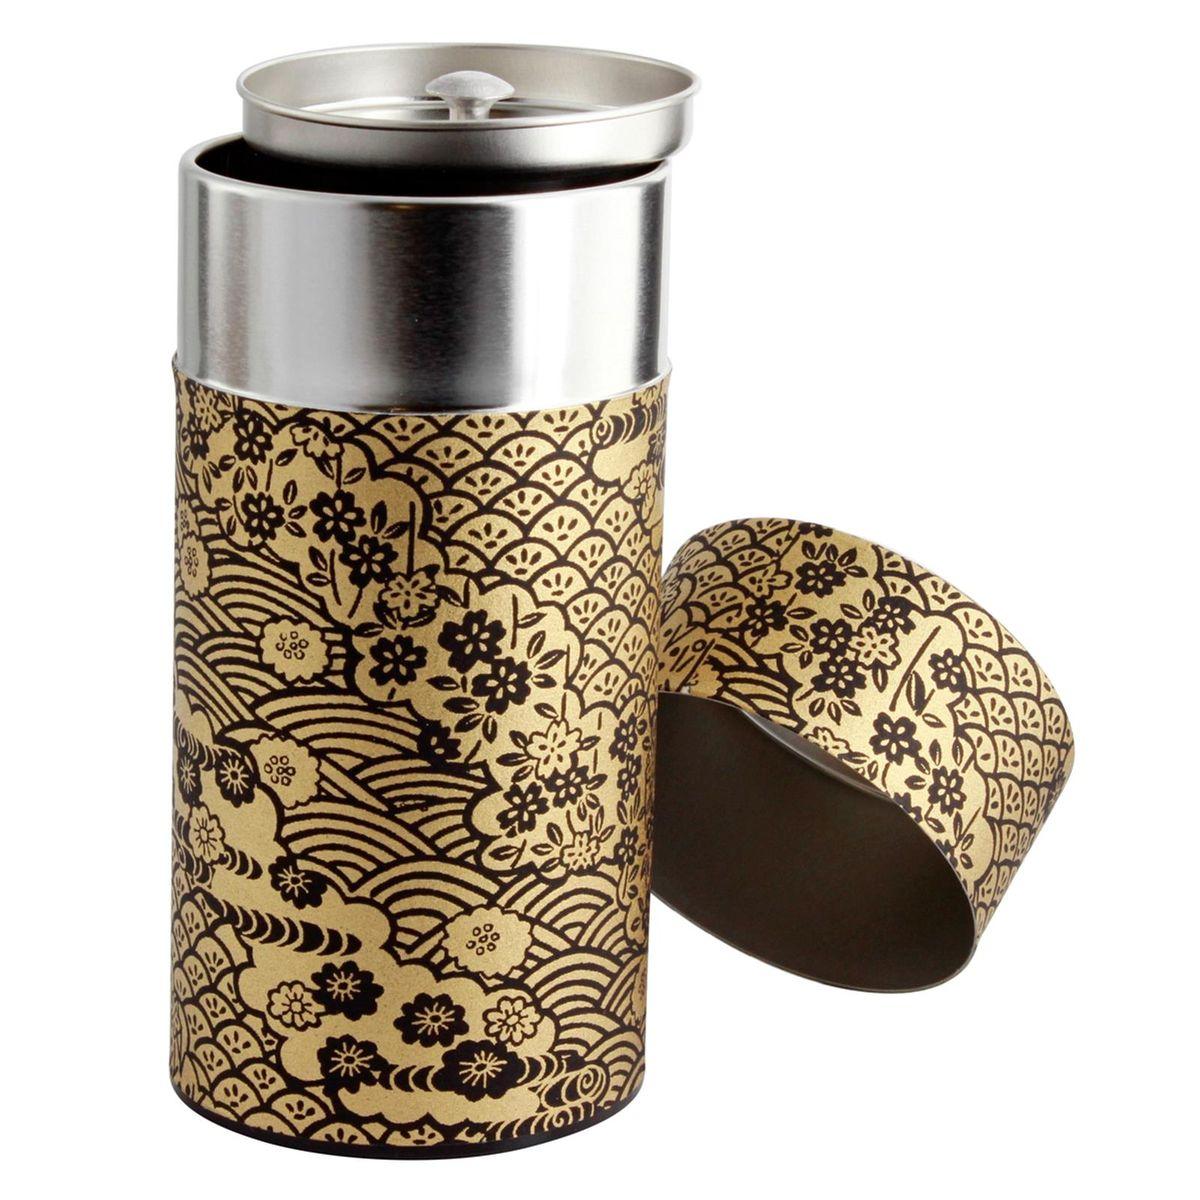 Boîte à thé 200g 7.5x15.5 cm Tsubaki - Bastide Diffusion